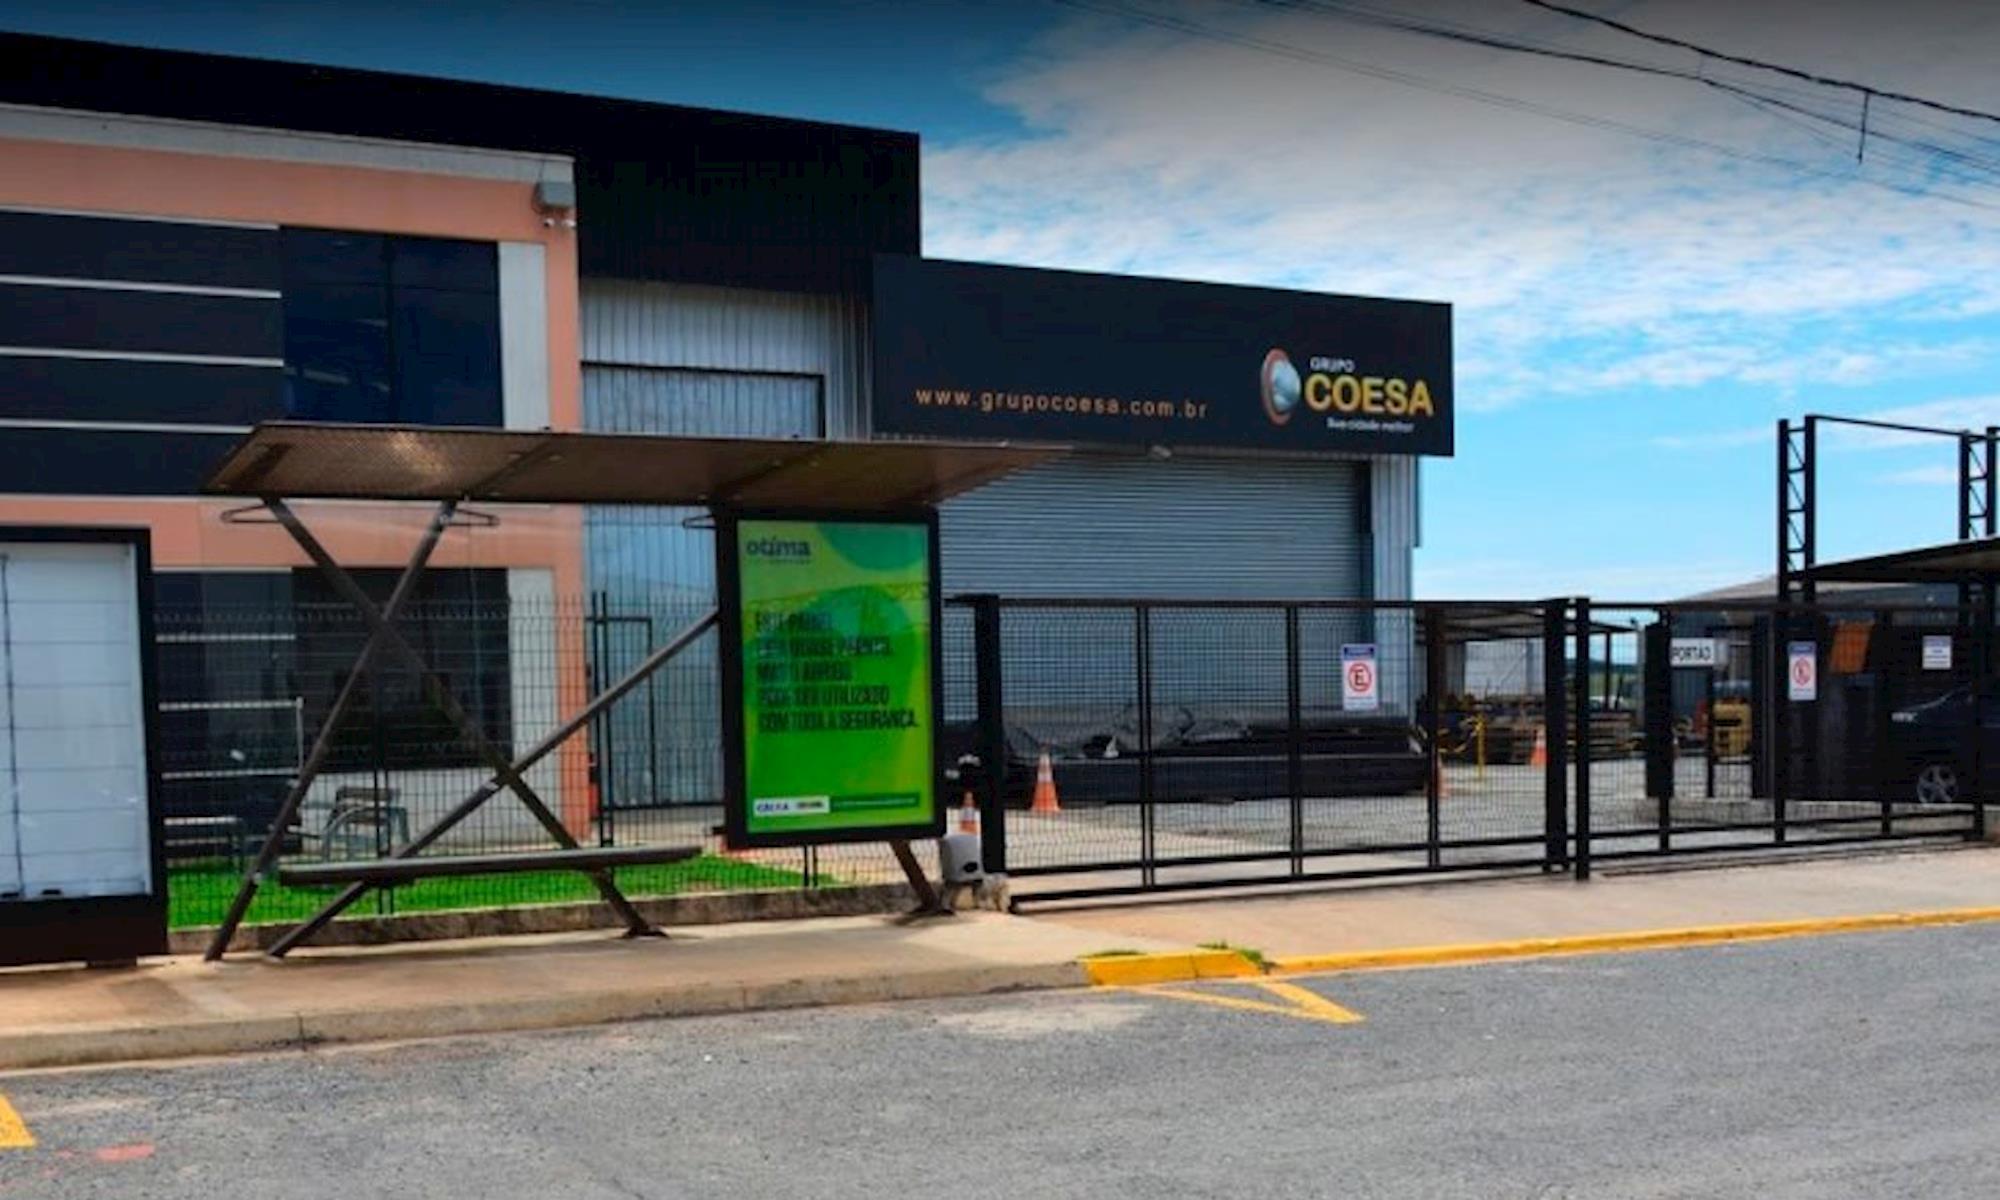 coesa, Divulgação